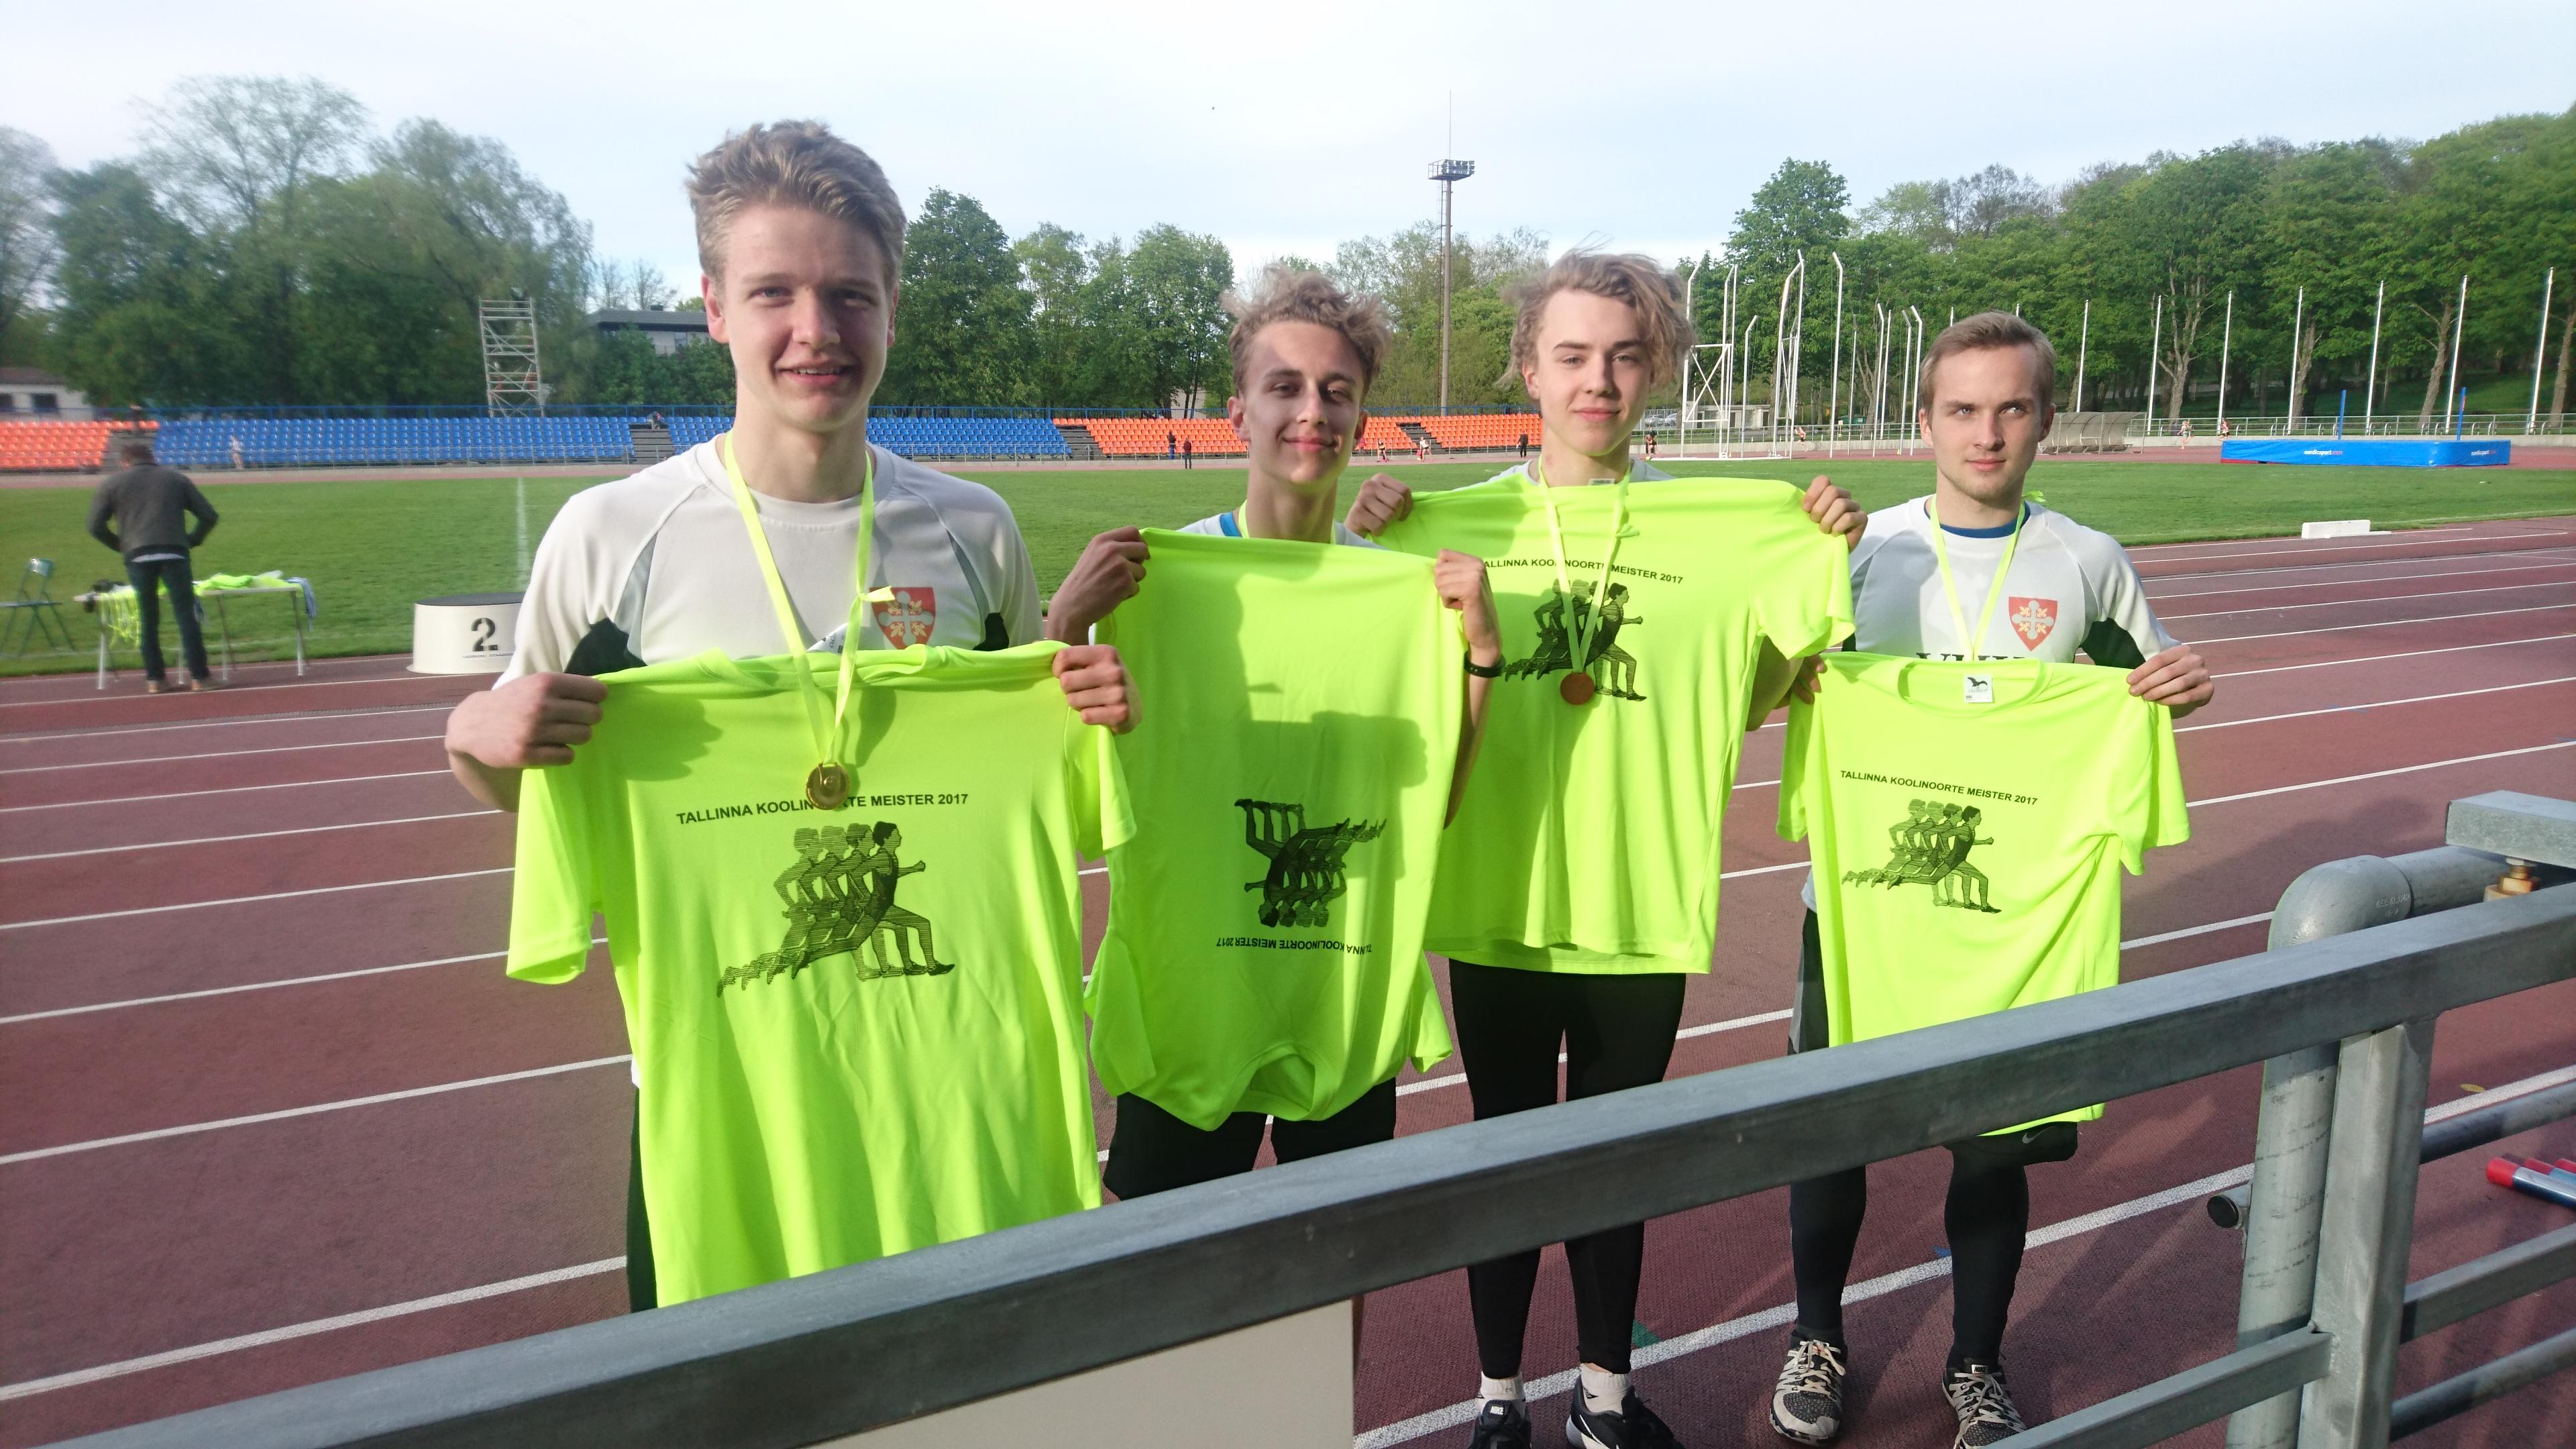 Põhikooli poisid tulid Tallinna koolinoorte meistriks 4x100 m teatejooksus ehk vägev punkt edukale koolispordiaastale!